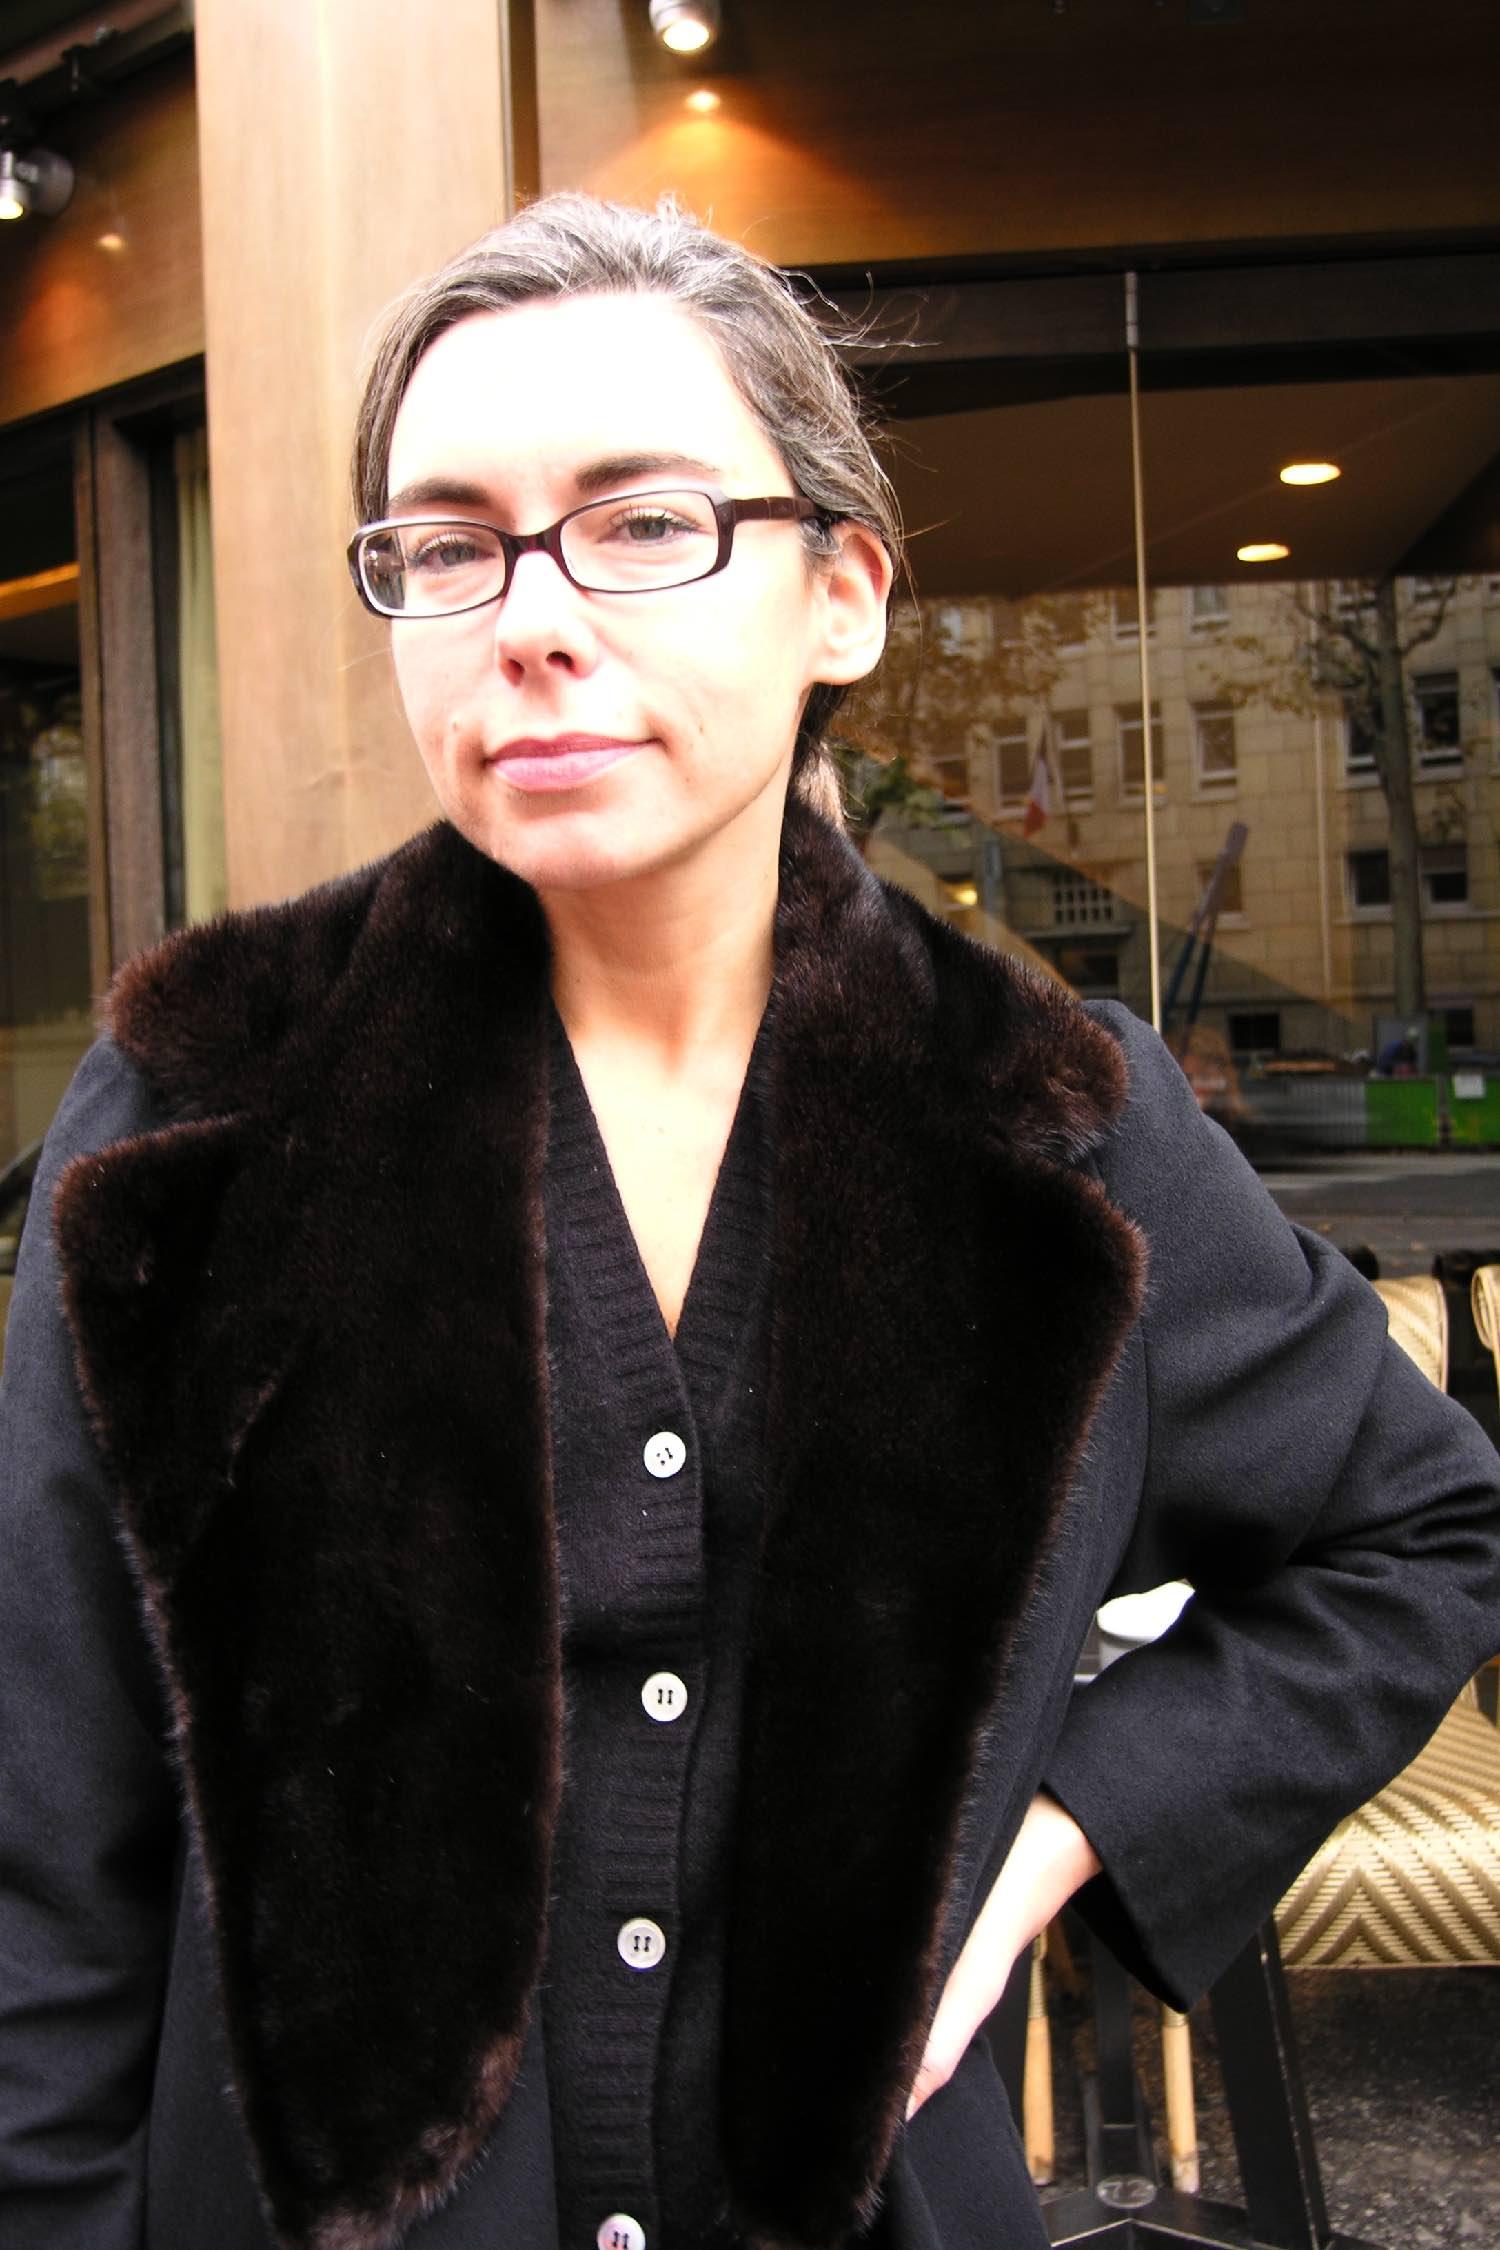 Elisabeth Quin | journaliste chroniqueuse | Paris Première | Arte | 28 Minutes | 2004 | Photo sandrine cohen